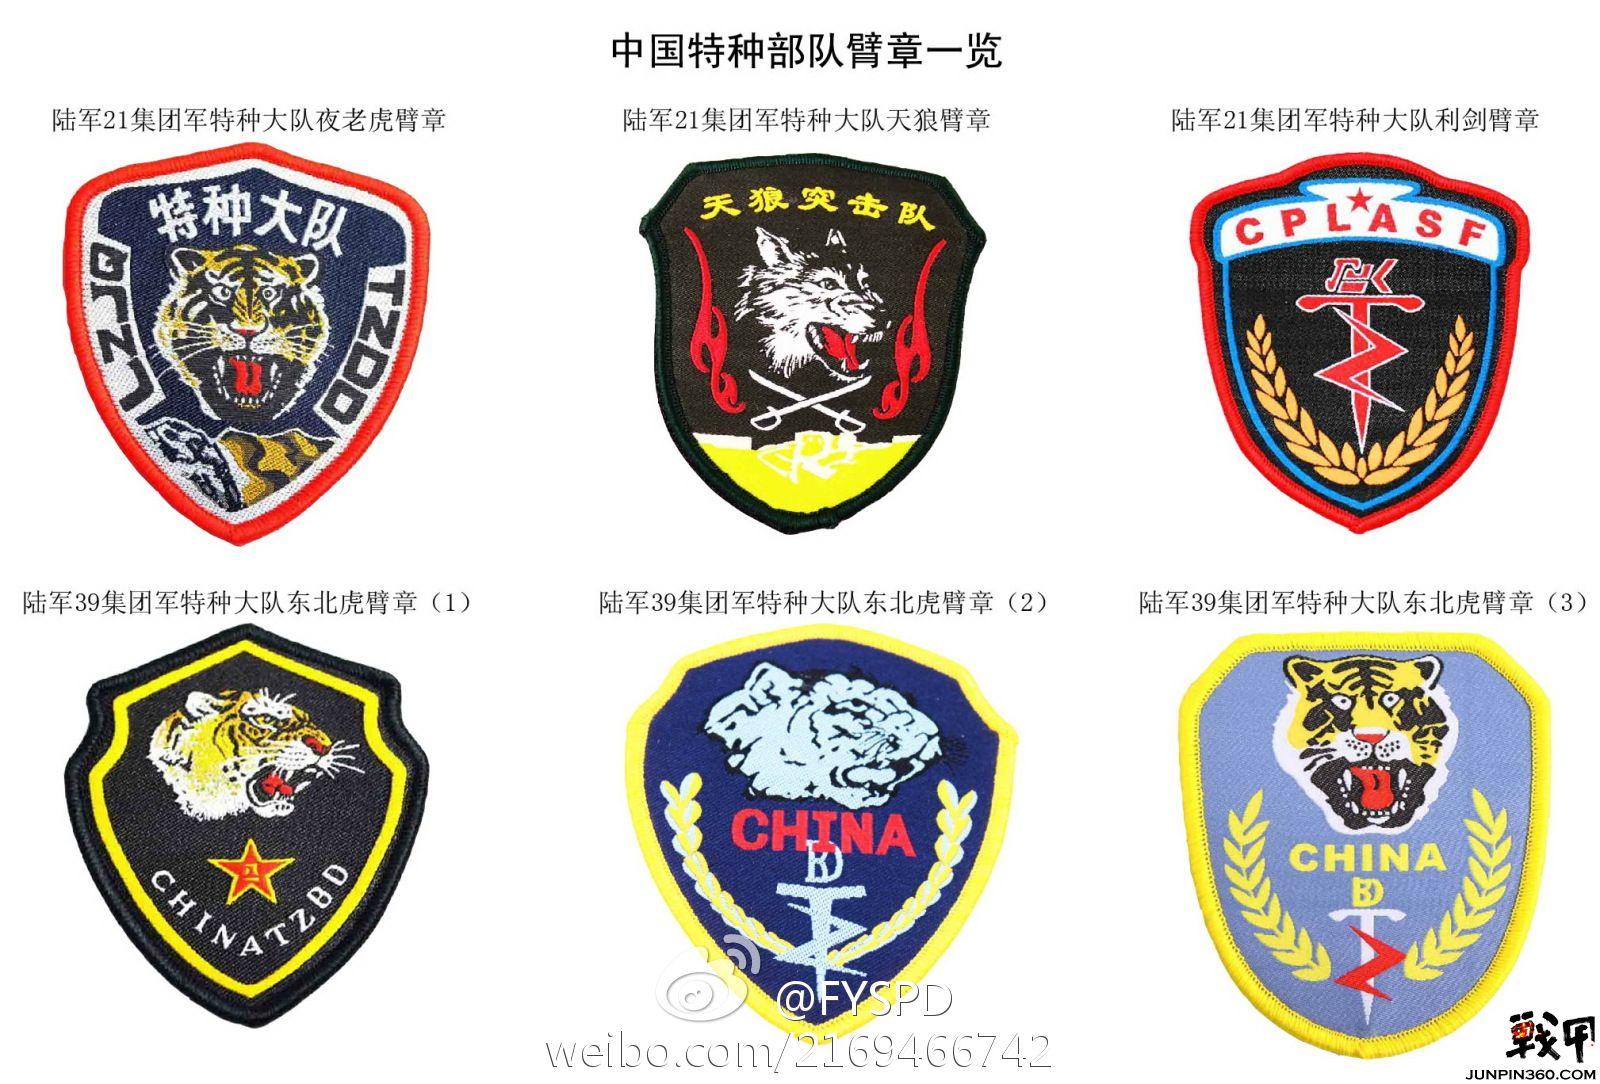 利剑队徽图片 中国特种部队臂章一览图片